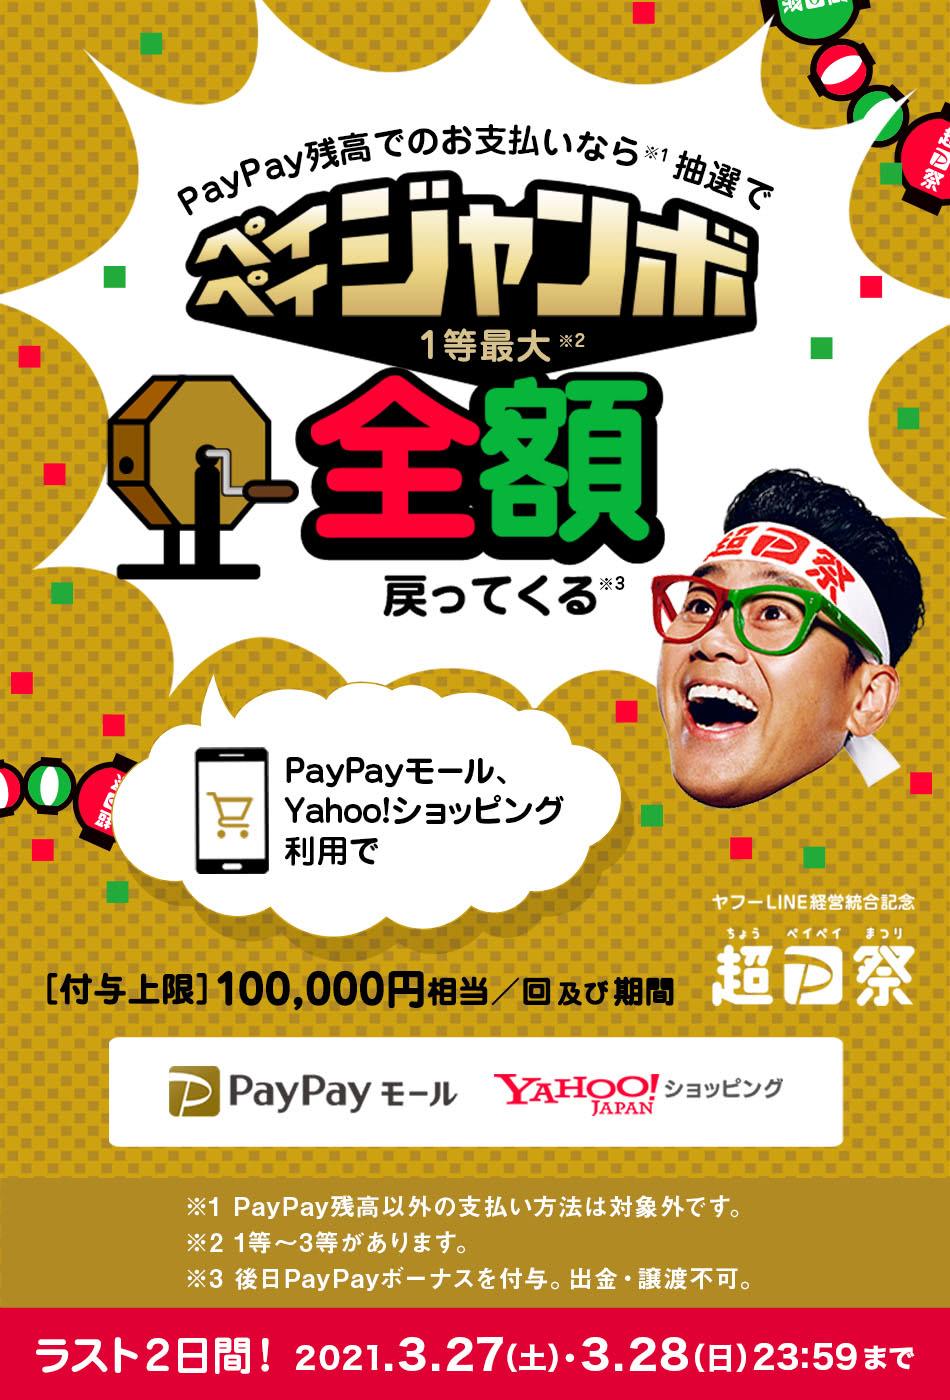 PayPayモール、Yahoo!ショッピング利用でPayPay残高でのお支払いなら※1抽選でペイペイジャンボ 1等最大※2全額戻ってくる※3